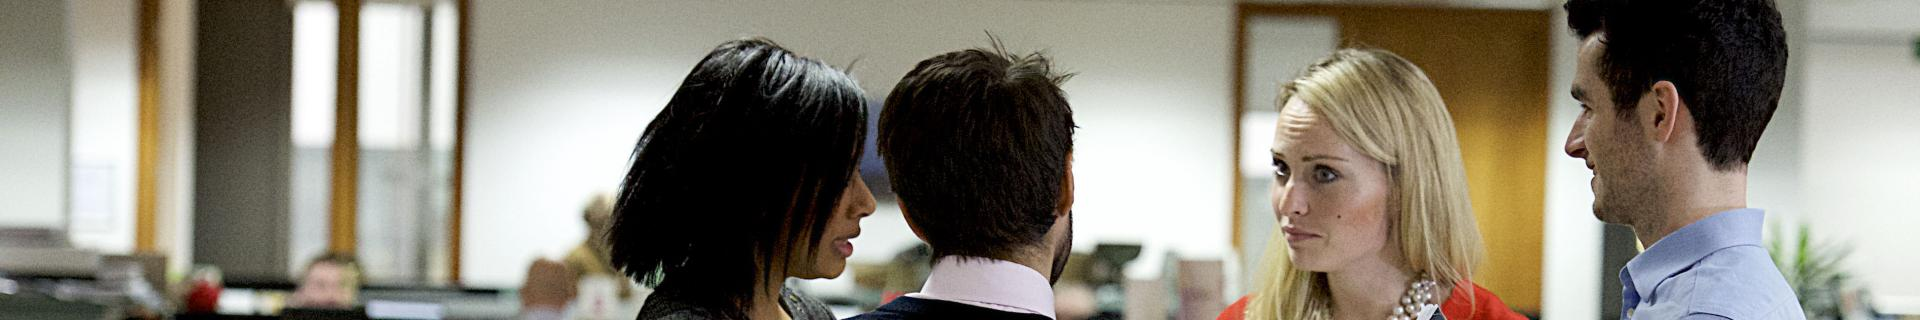 men and women talking in an office